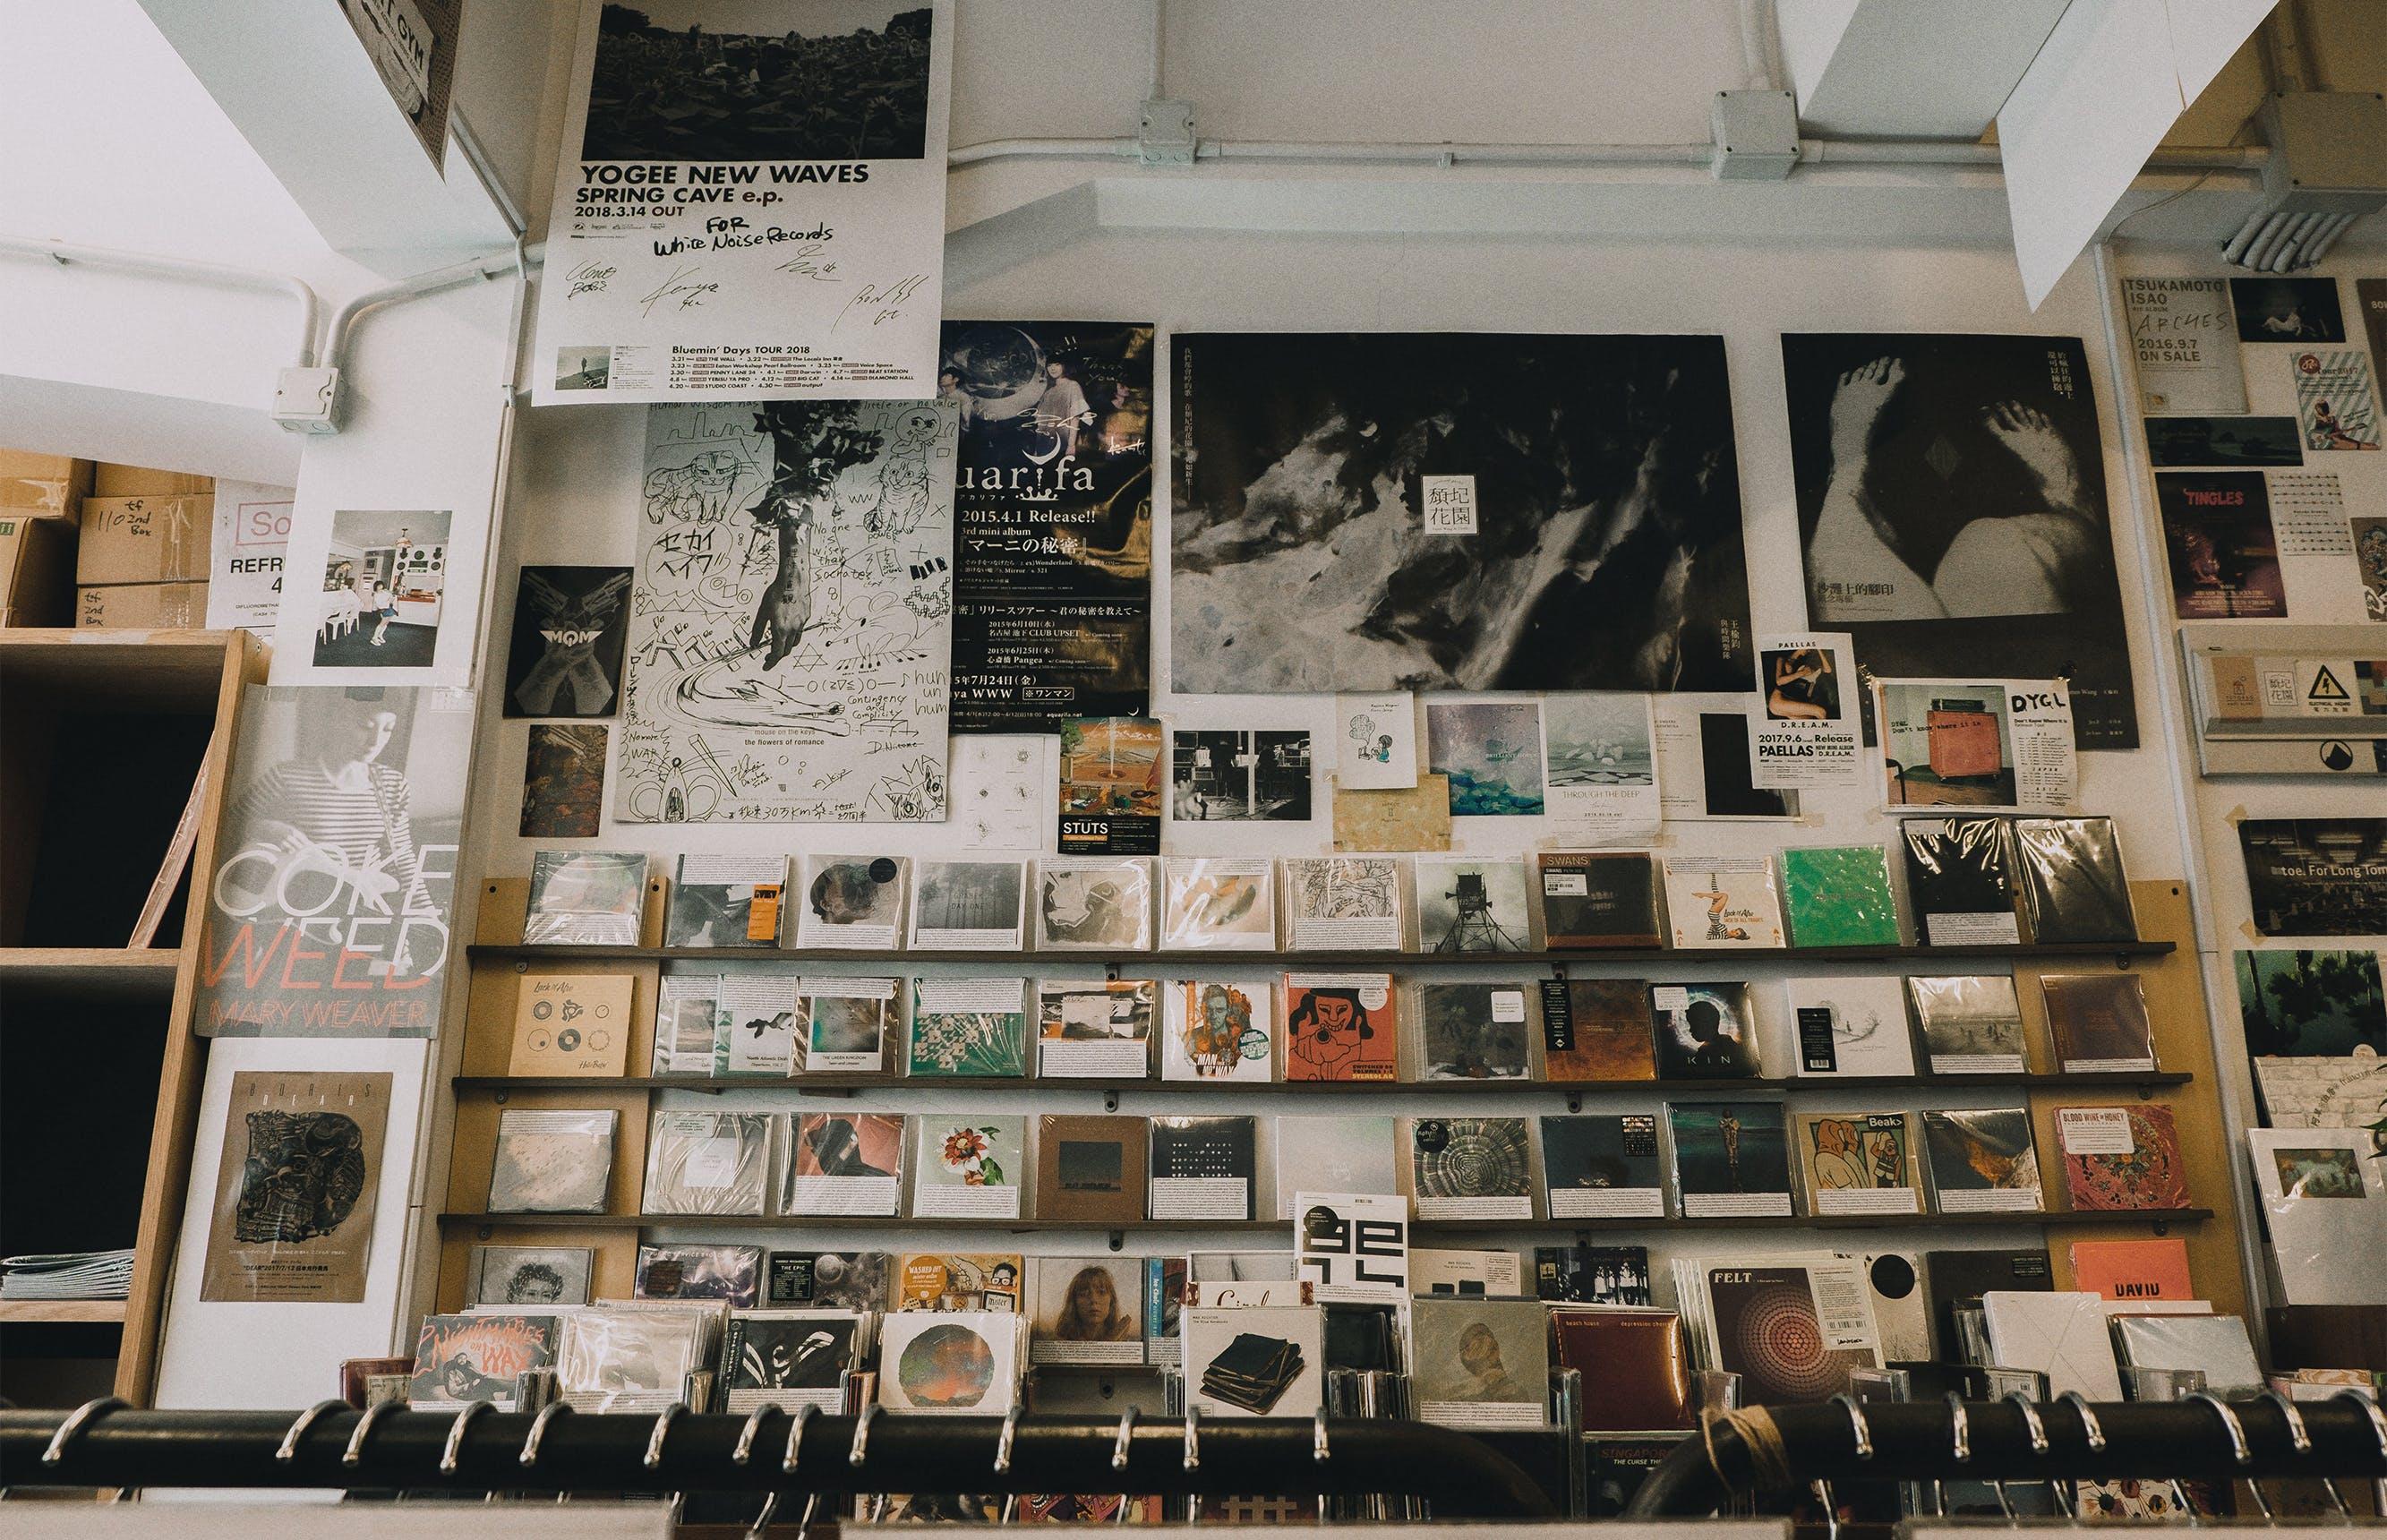 Muziekverkoop in België stagneerde in 2020